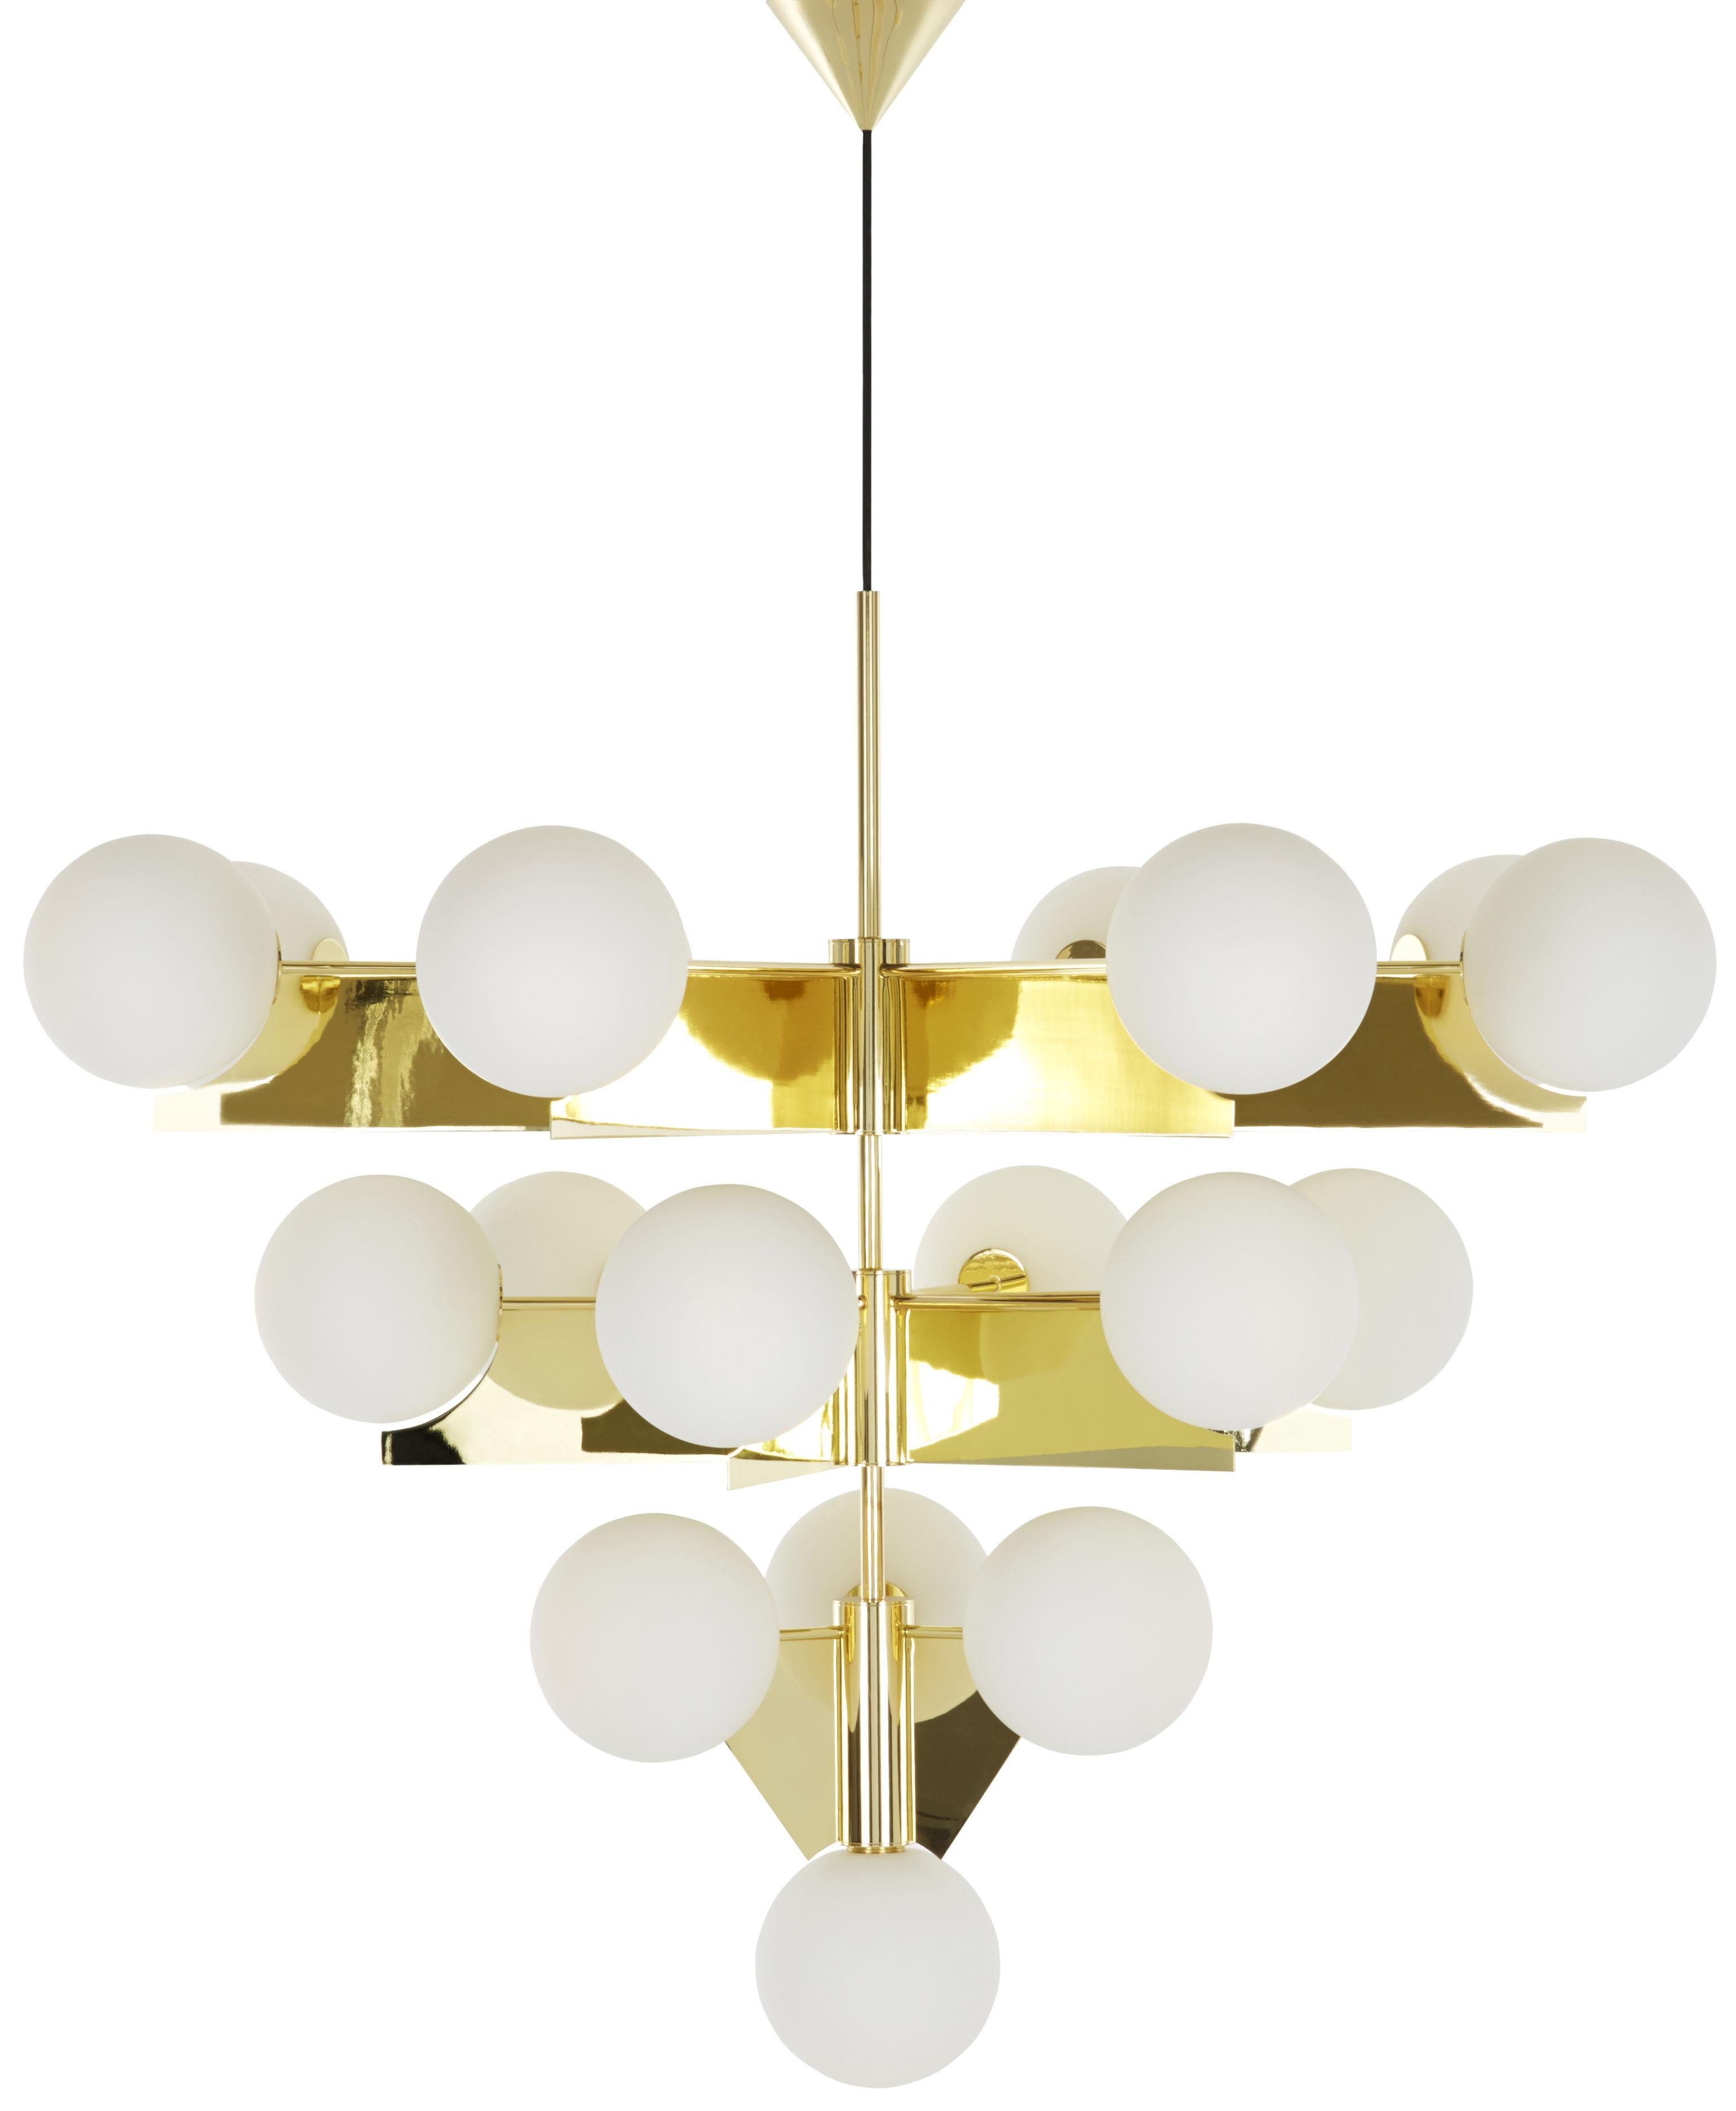 Luminaire - Suspensions - Suspension Plane / Lustre - Ø 105 x H 75 cm - Tom Dixon - Laiton poli / Sphères blanches - Acier plaqué laiton, Verre